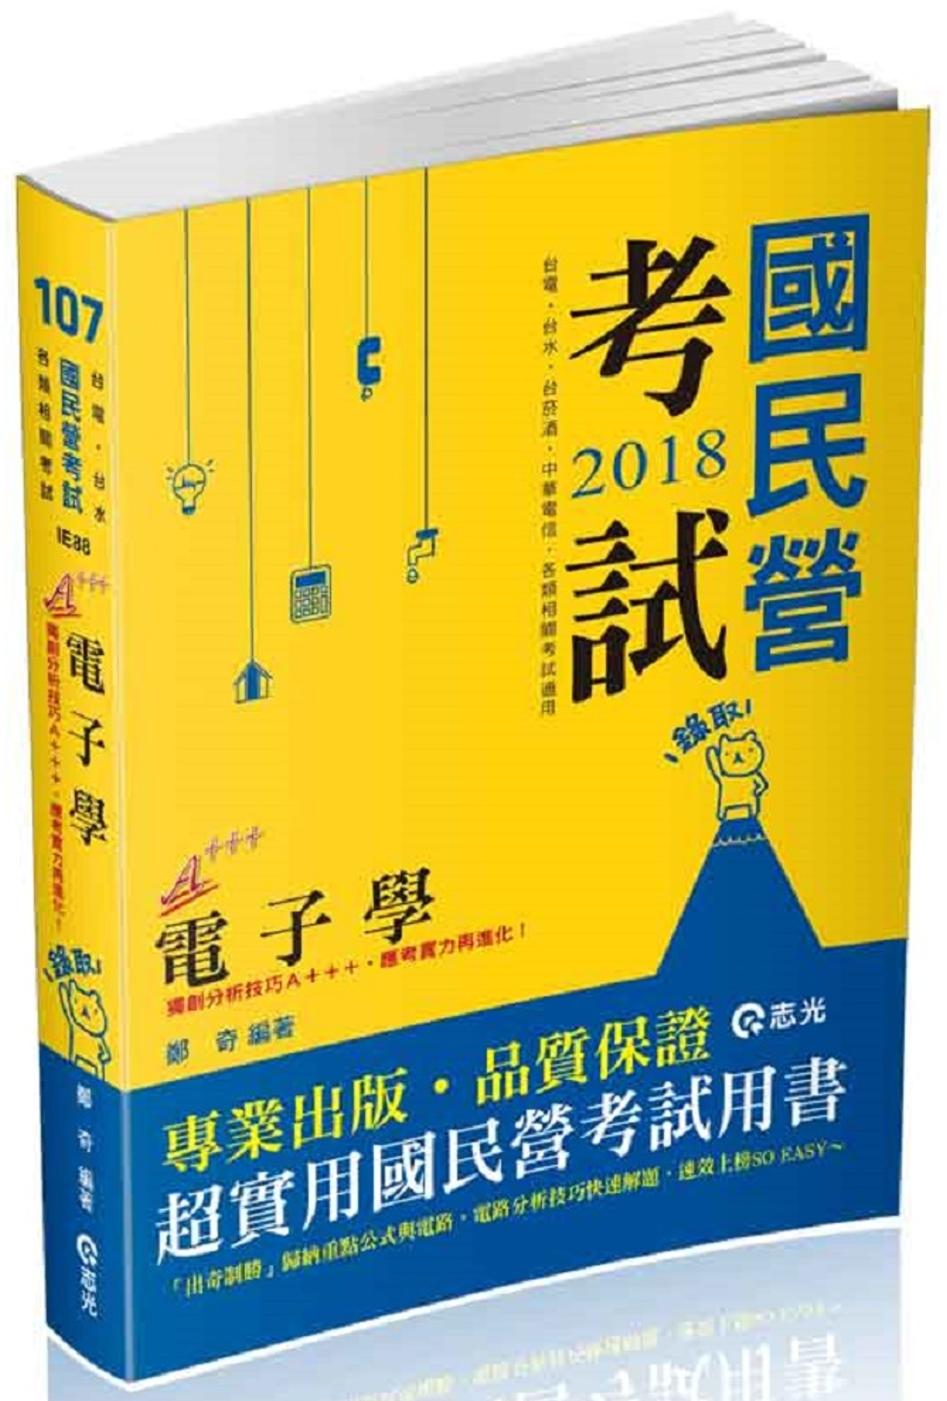 電子學(概要)(經濟部國營事業、台電僱員、台水、台菸酒、中華電信、國民營考試適用)